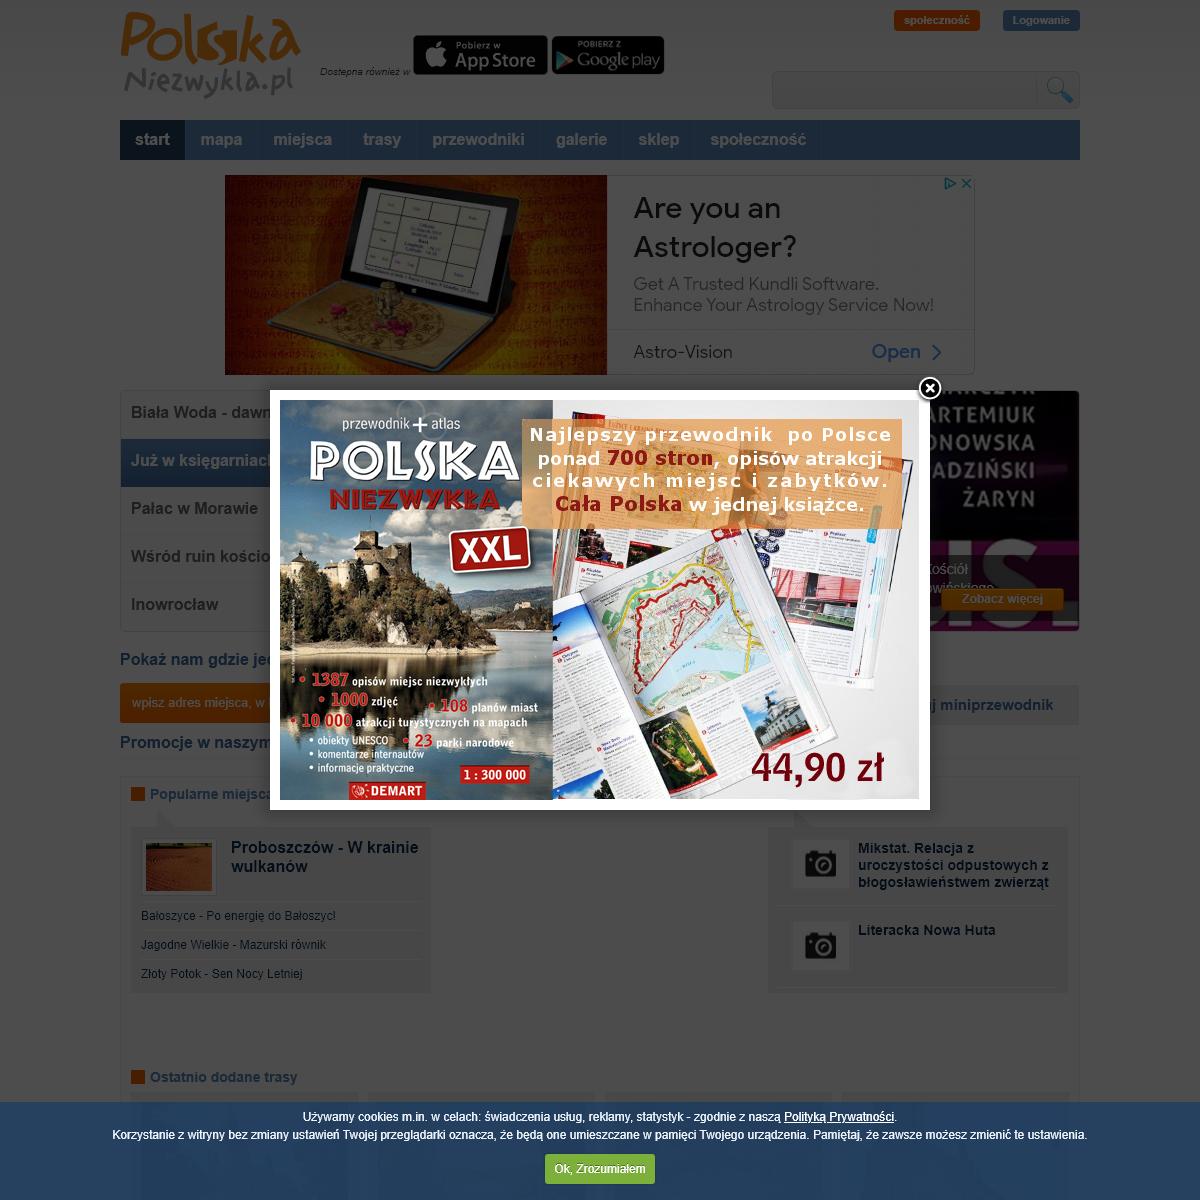 Polska niezwykła - Ciekawe miejsca, atrakcje turystyczne, zabytki. Przewodnik turystyczny po Polsce. Miniprzewodniki do pobrani